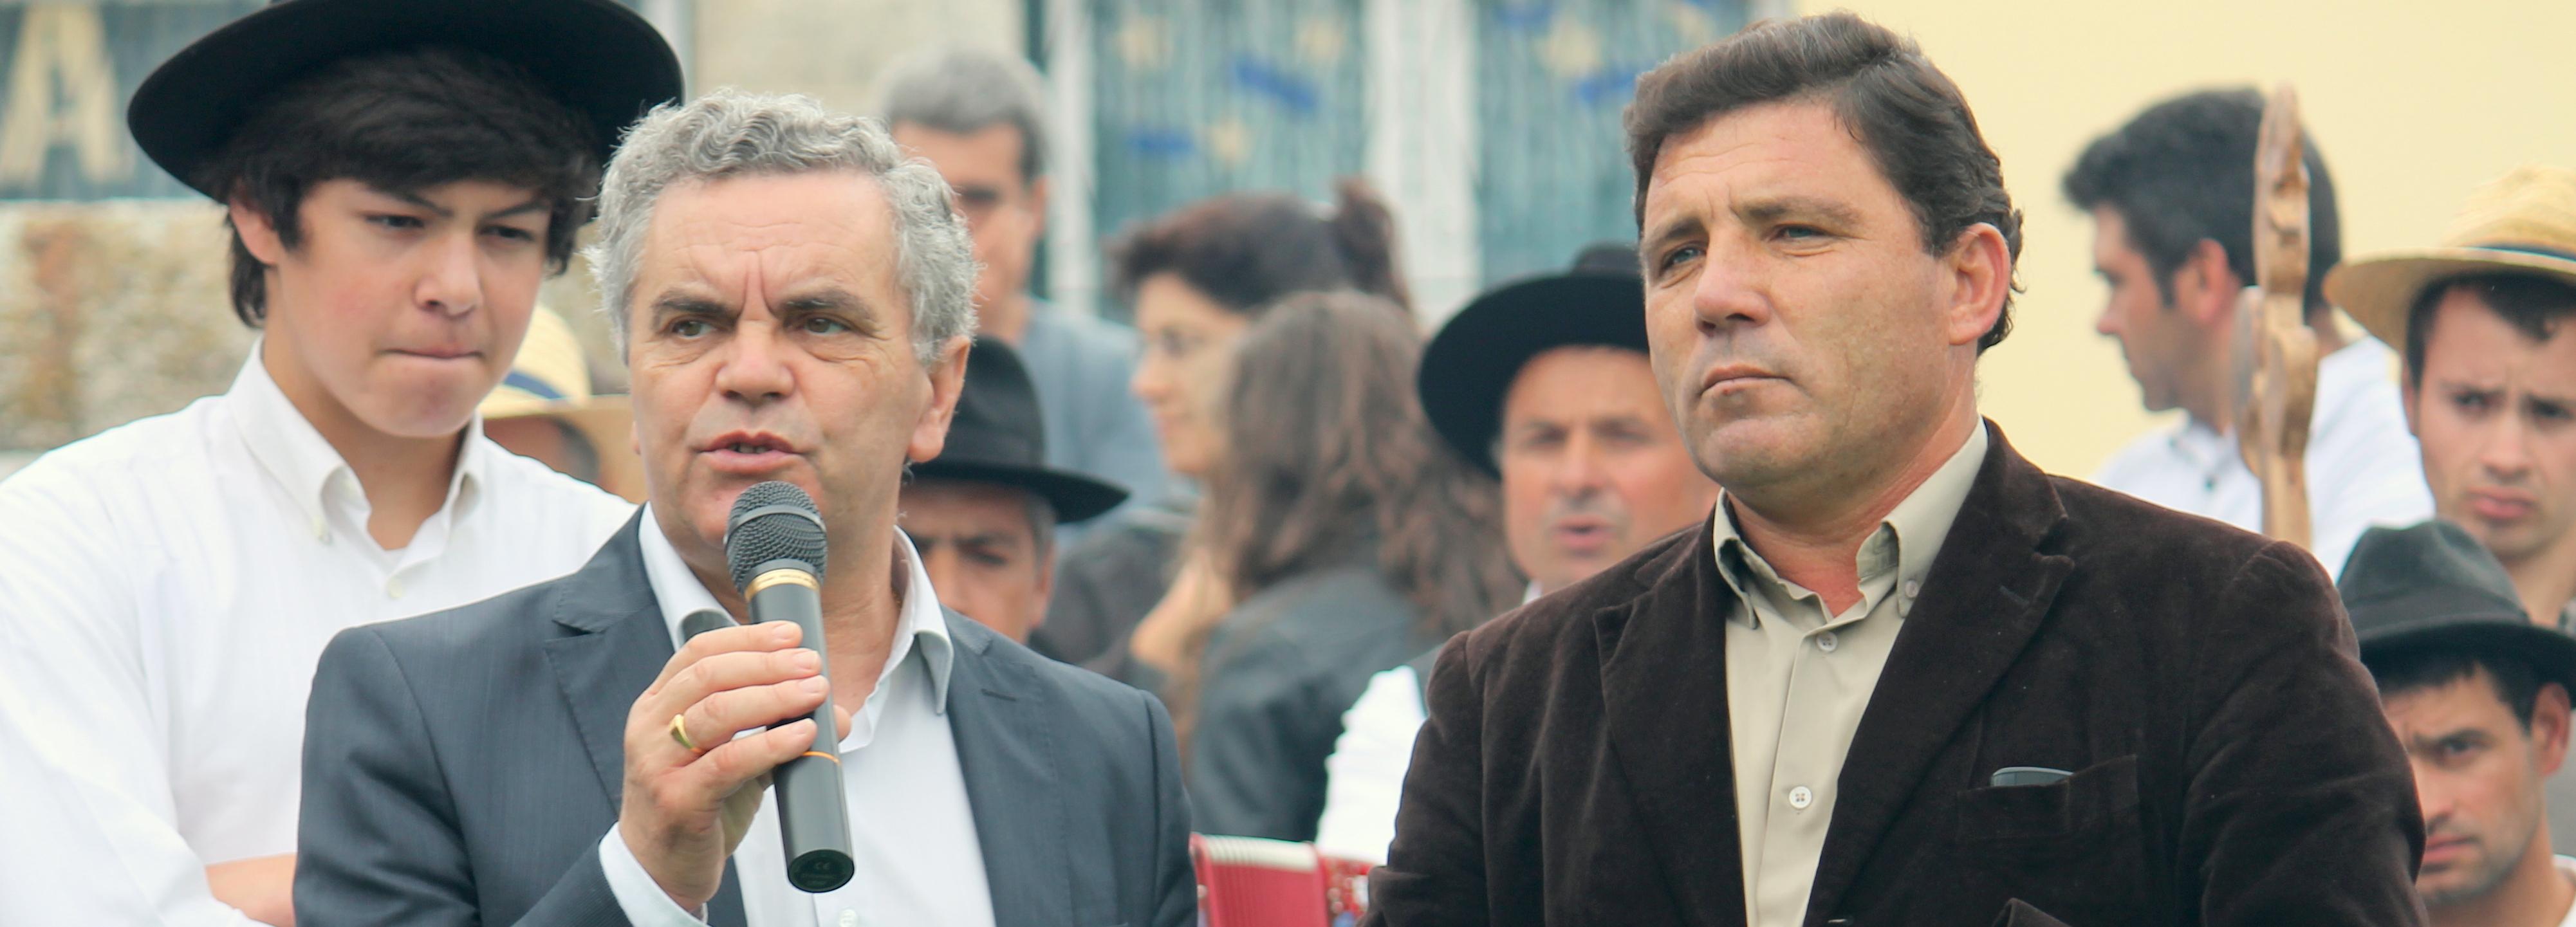 Vice-presidente da Câmara nas comemorações do dia da freguesia em Milhazes